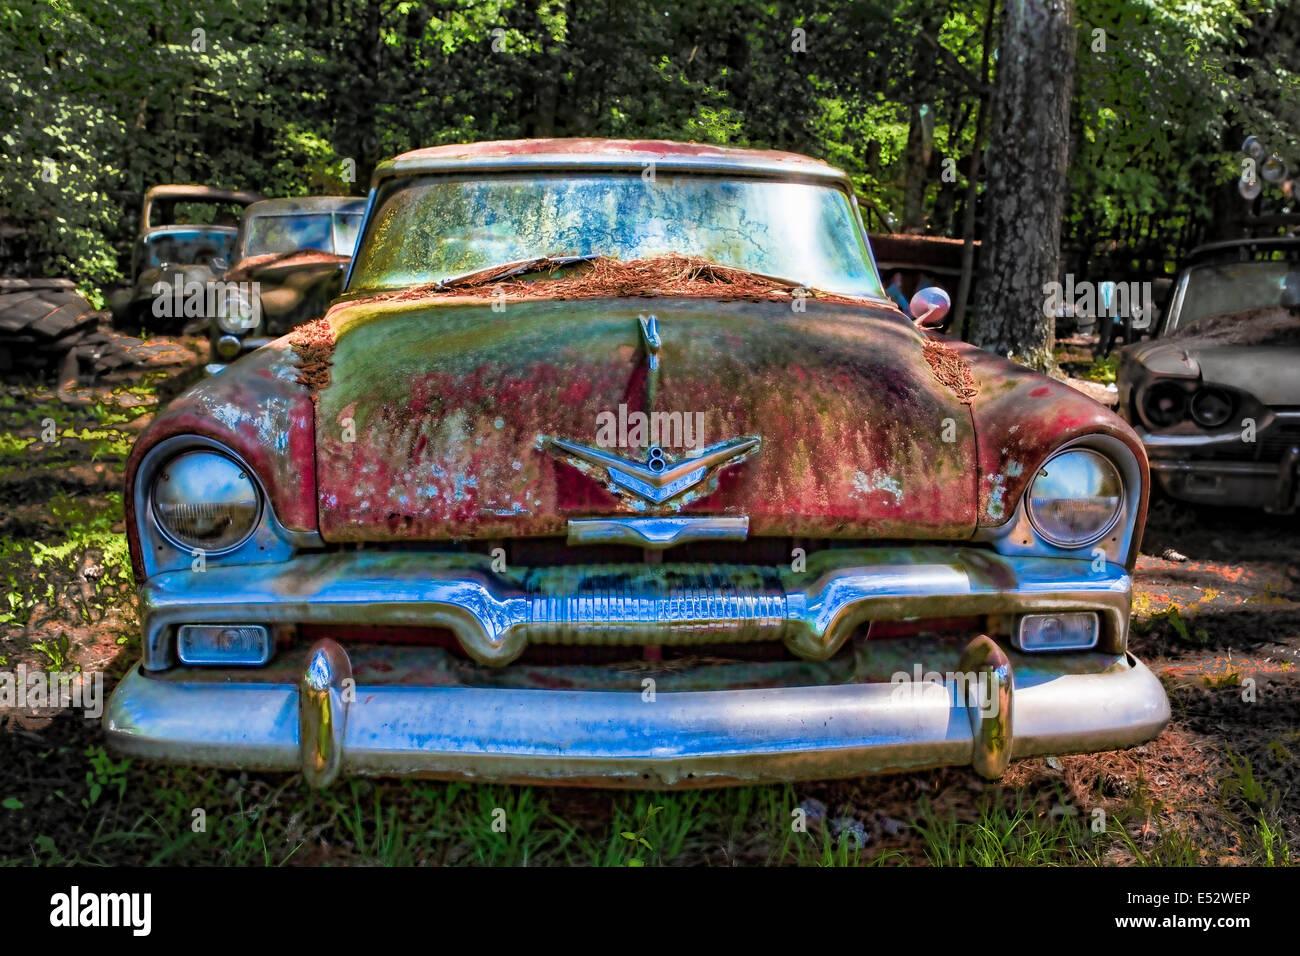 Junk Car Stock Photos & Junk Car Stock Images - Alamy